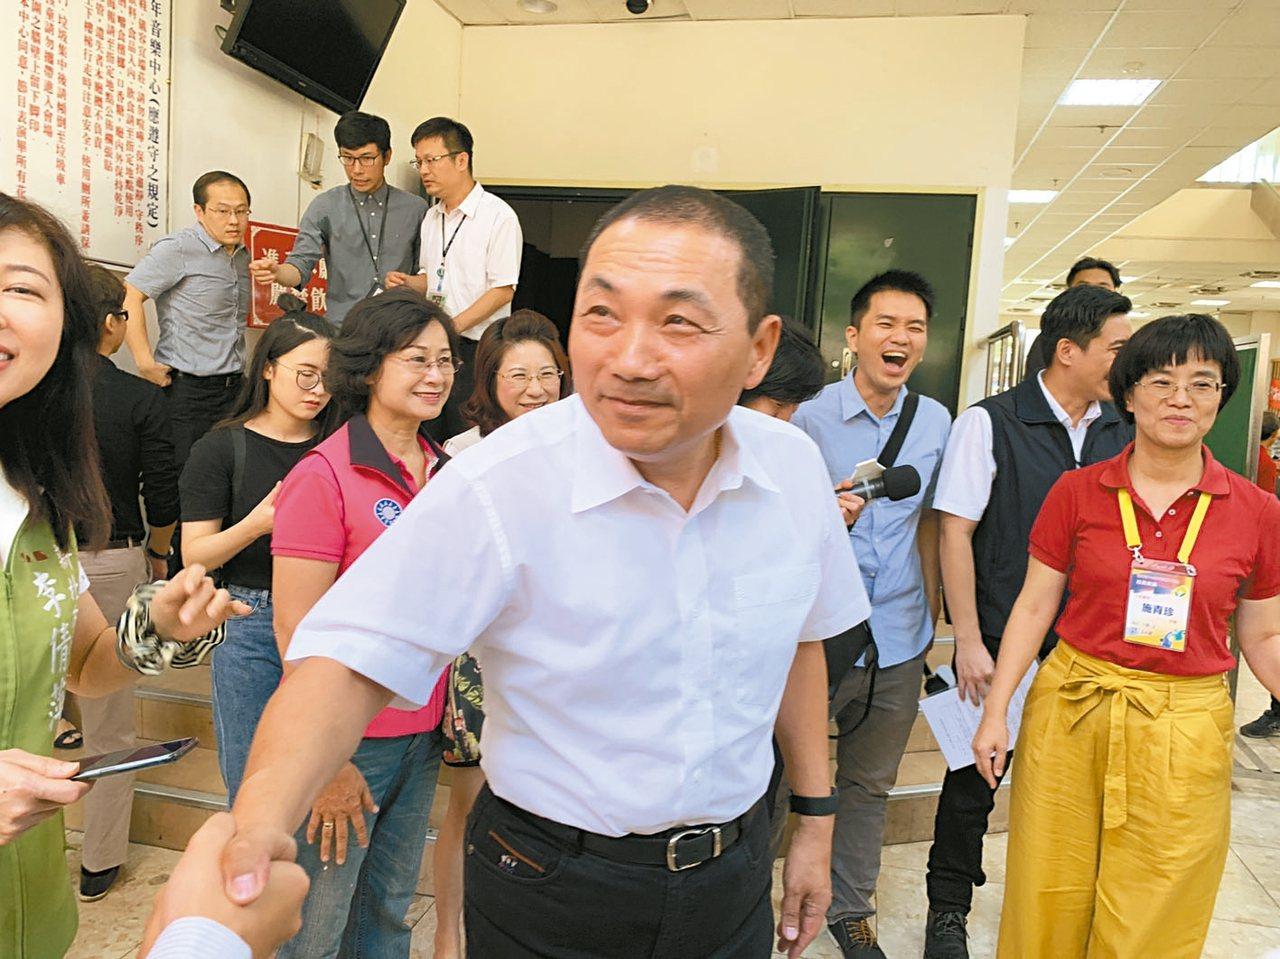 新北市長侯友宜(中)呼籲「連假前國小不發成績單」。 記者魏翊庭/攝影